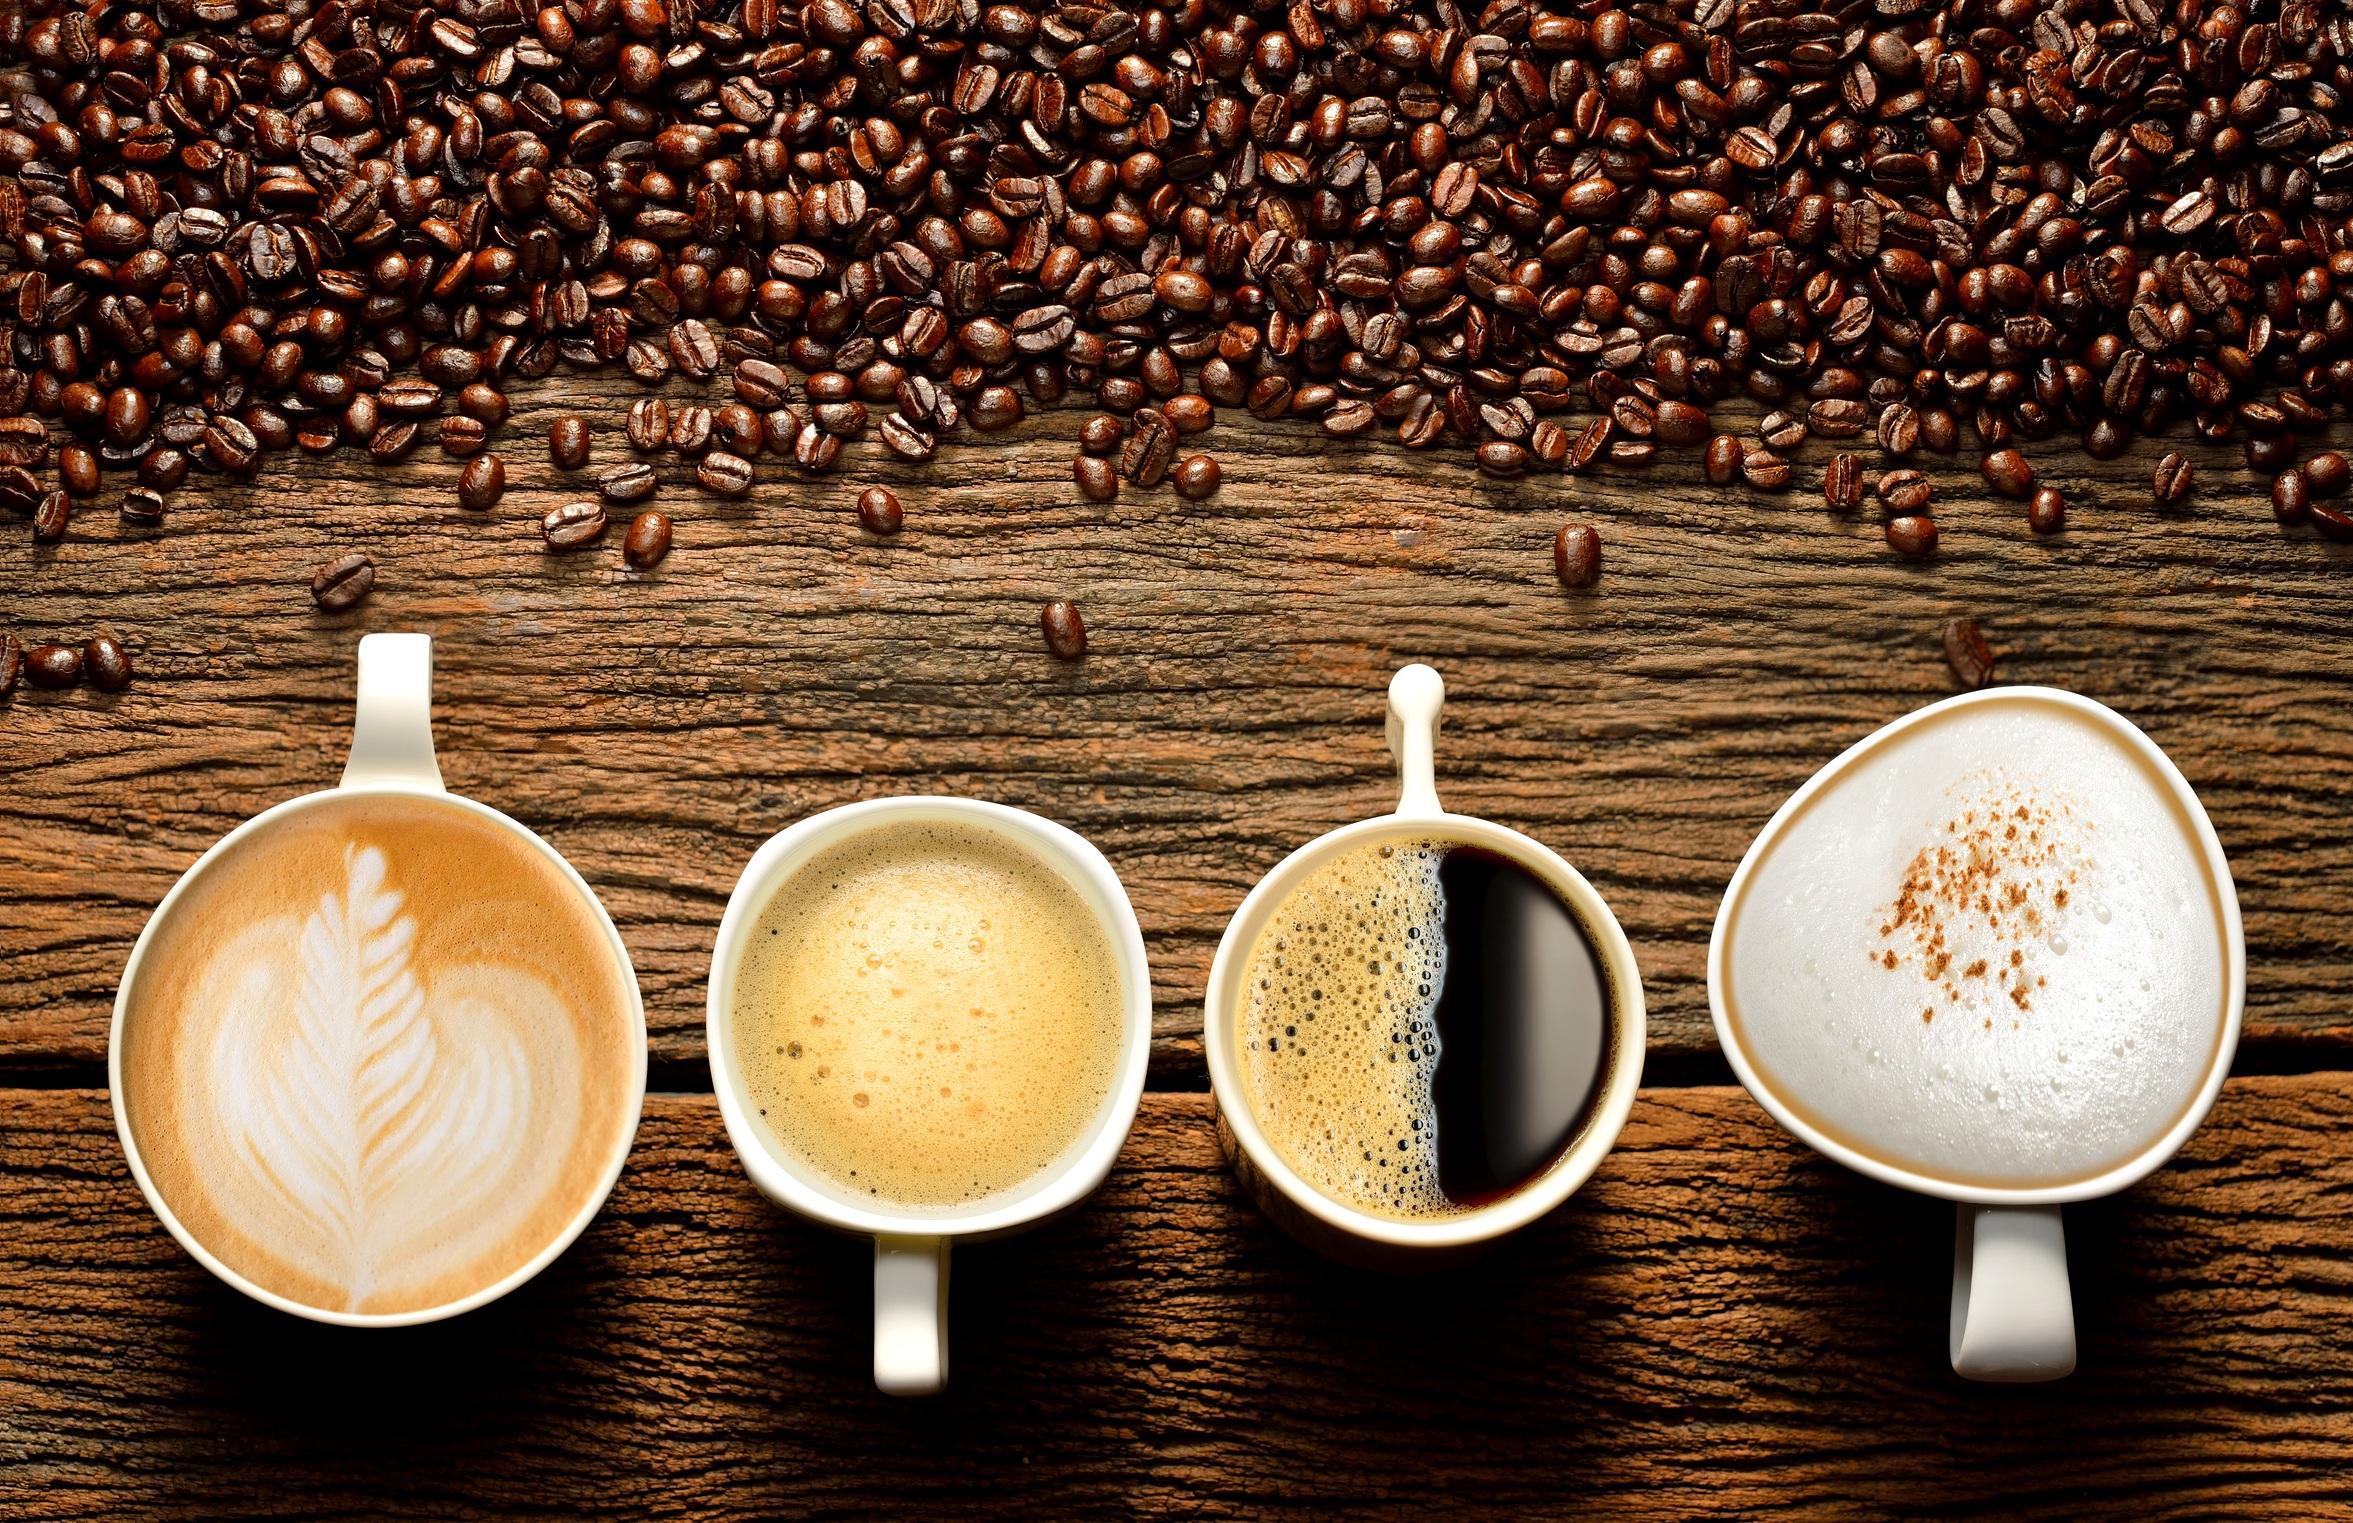 чашки - Виды кофе - разнообразие напитков...